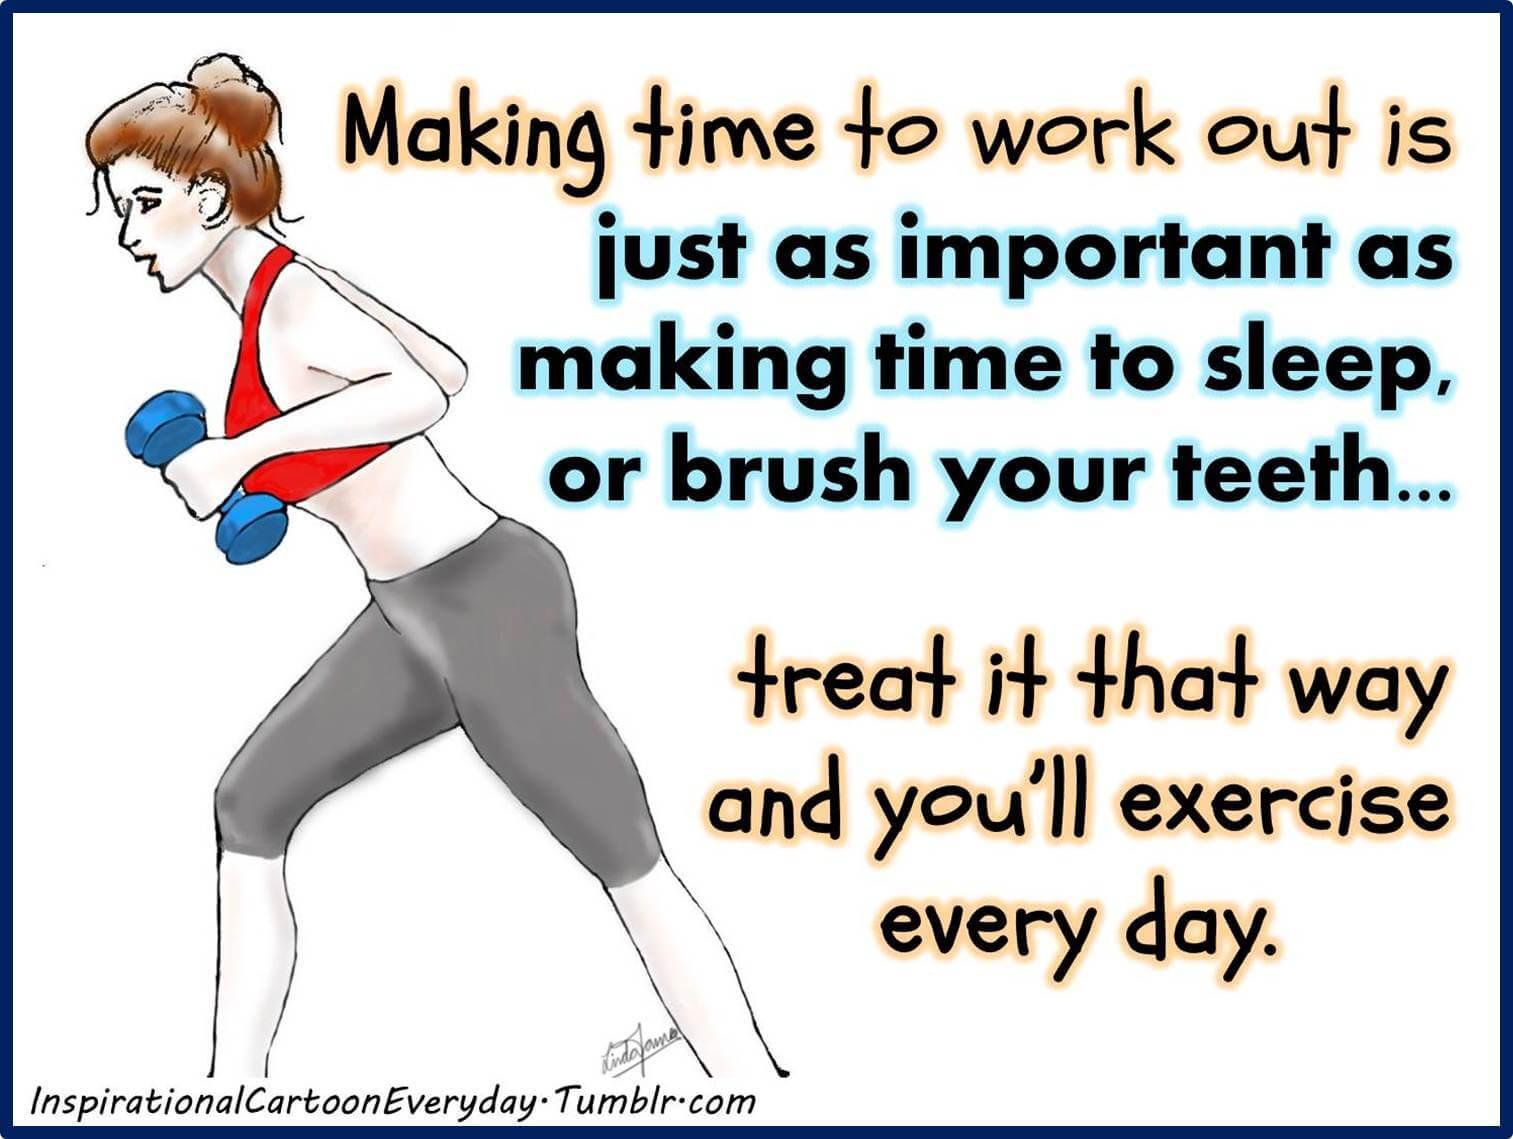 หลักการใช้คำศัพท์ระหว่าง exercise กับ work out